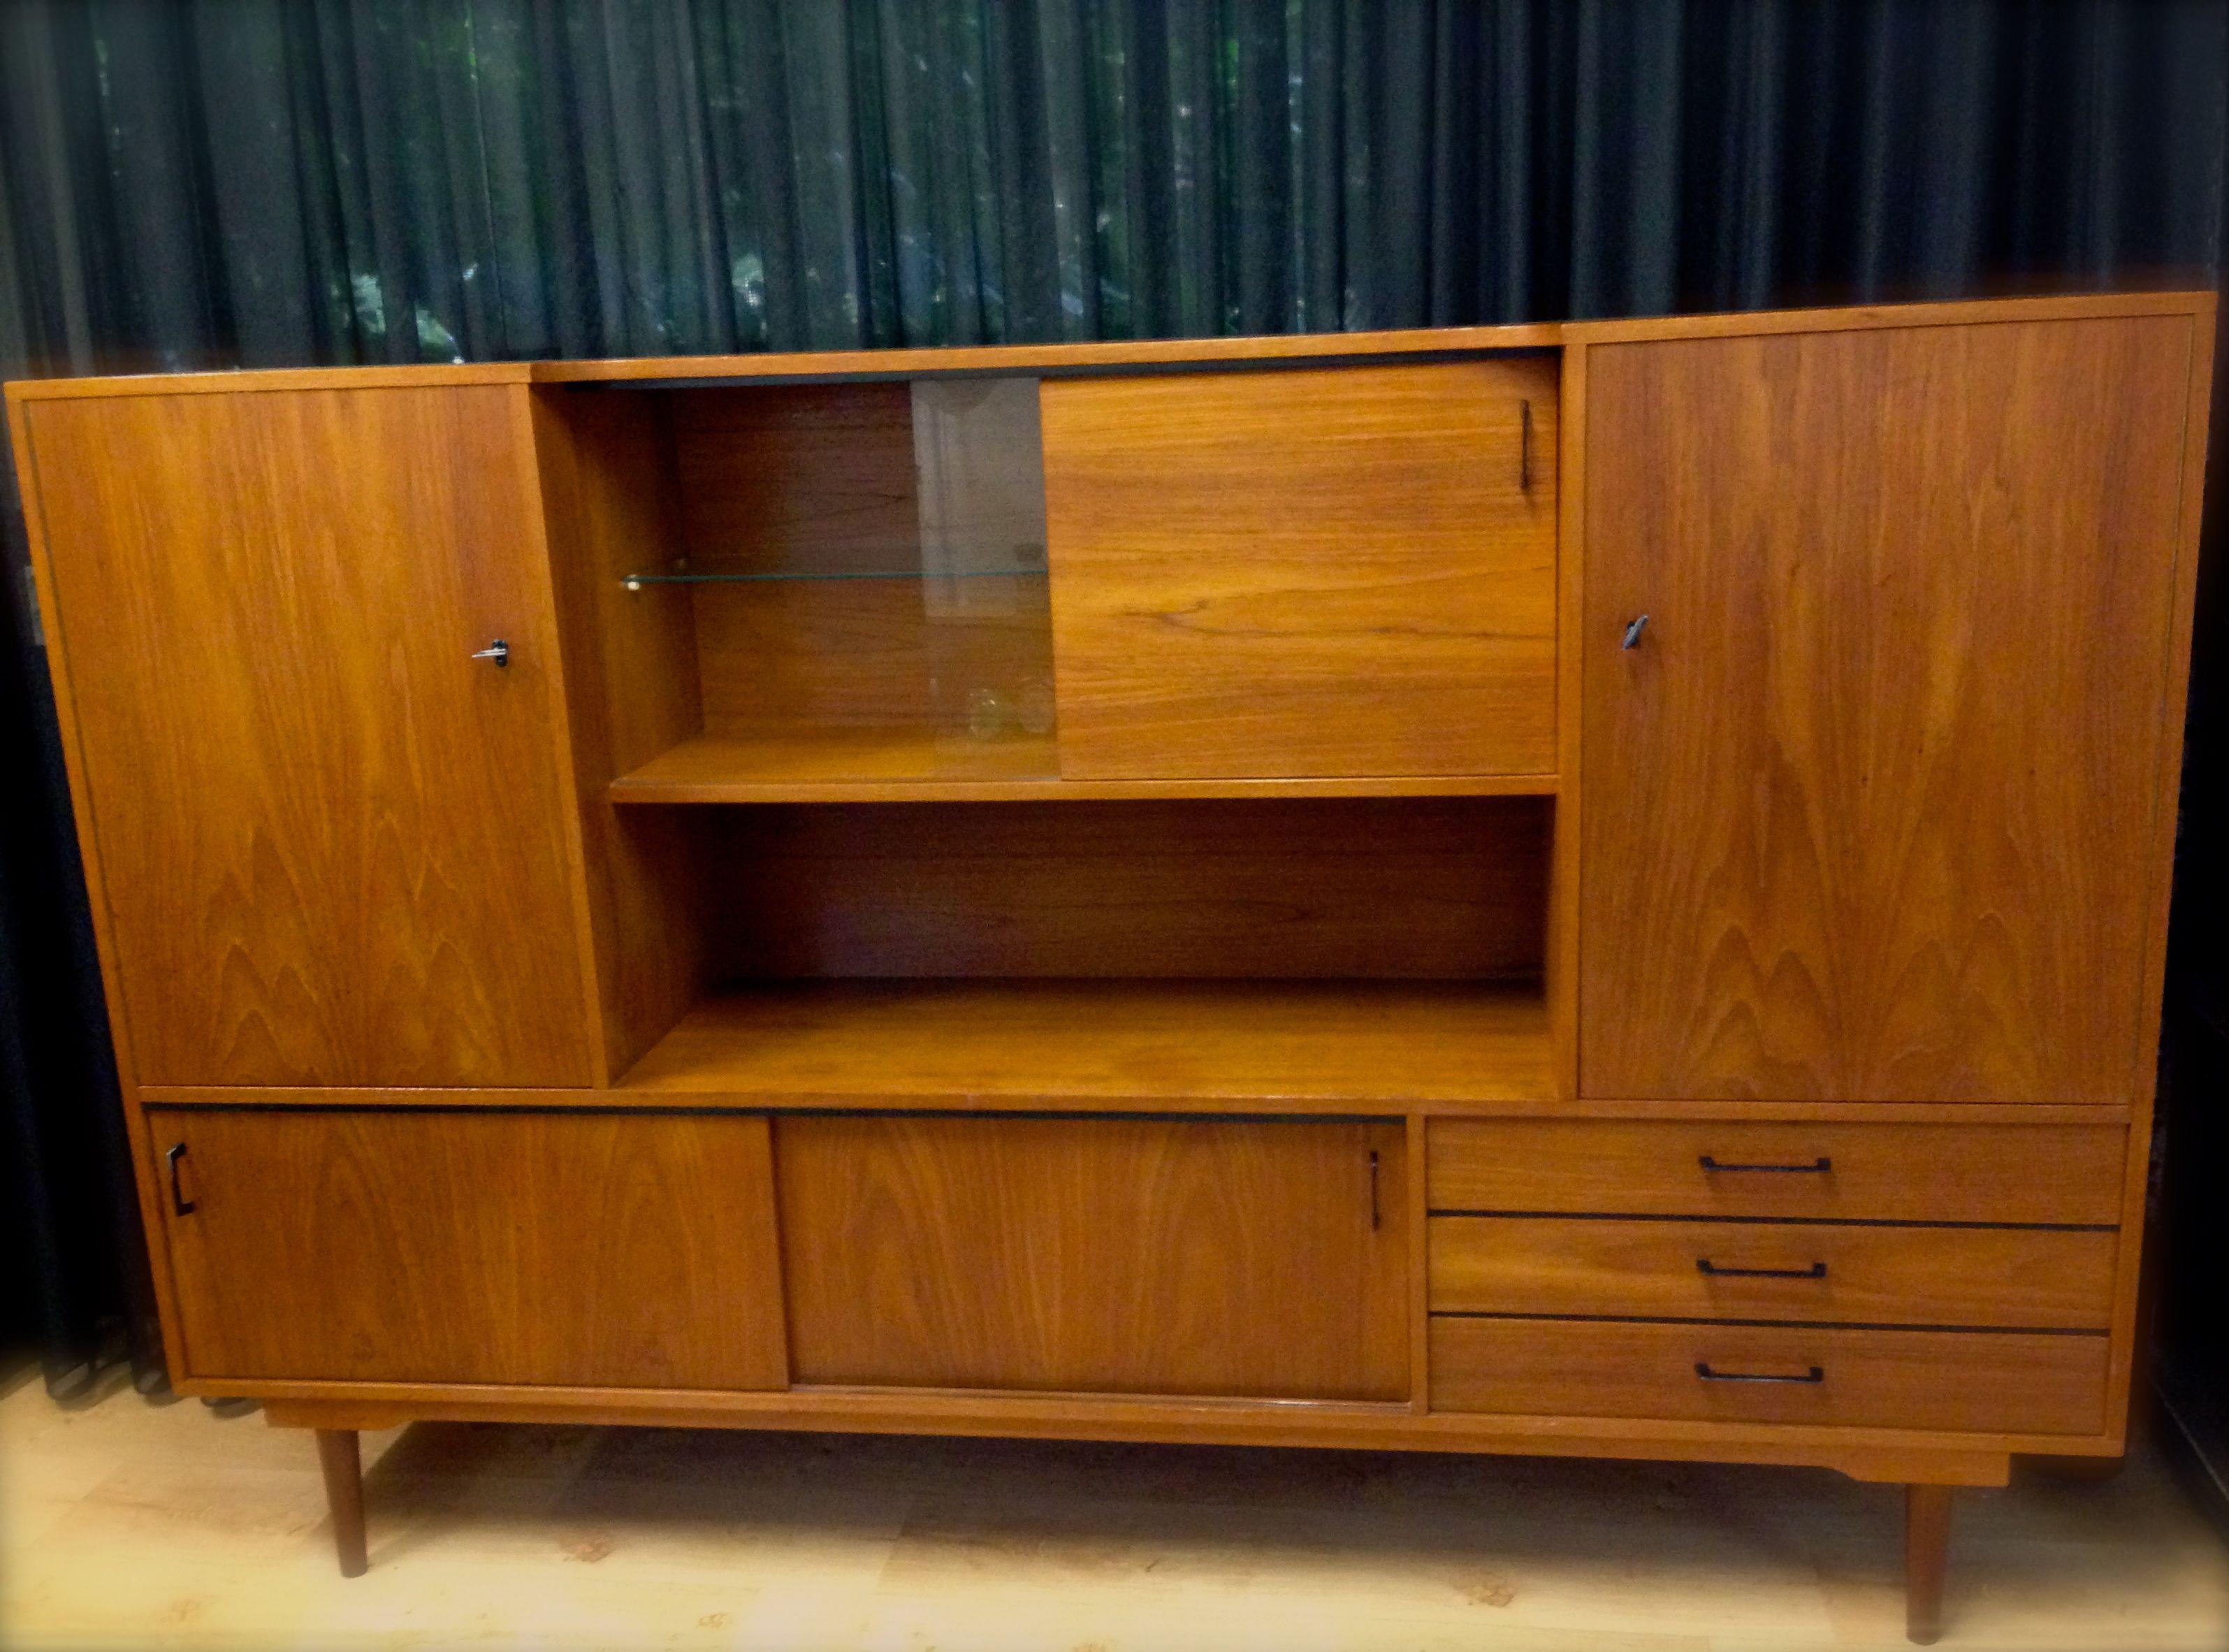 Servieskast Ouderwets Modern : Midcentury cabinet vintage servieskast vintage kast vintage